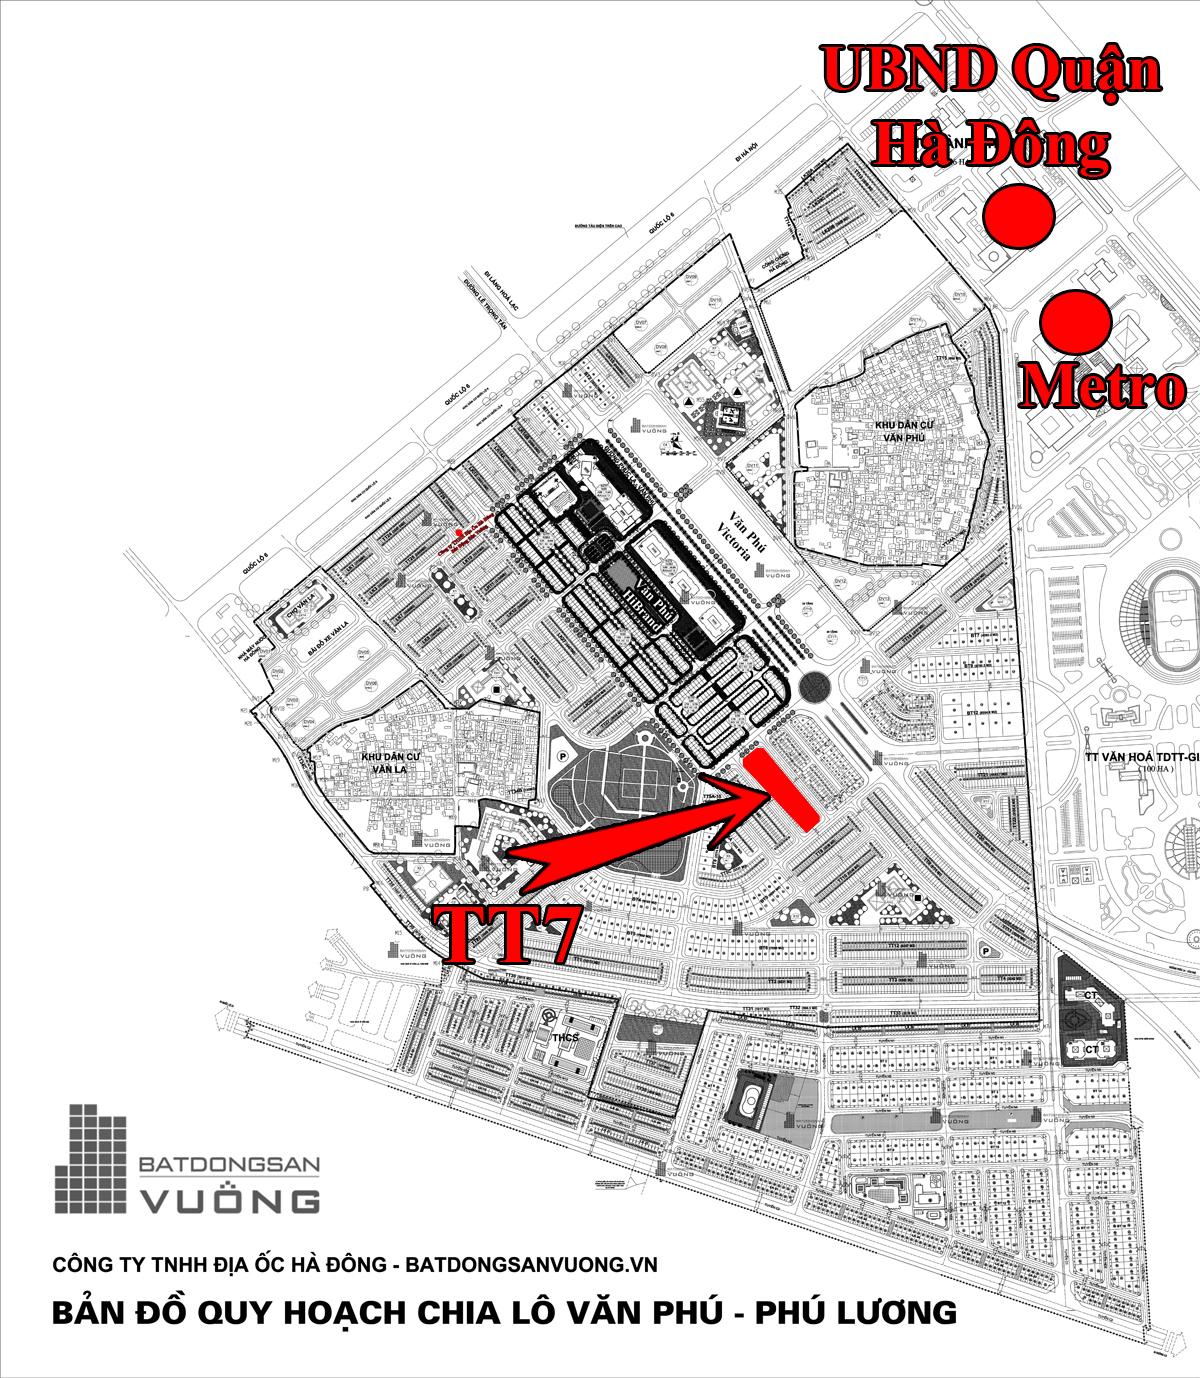 Bán Liền kề phân khu LKCVP lô TT7, mặt đường 12m, nhà hướng Tây - Nam, Khu đô thị Văn Phú [#H2284.1900]